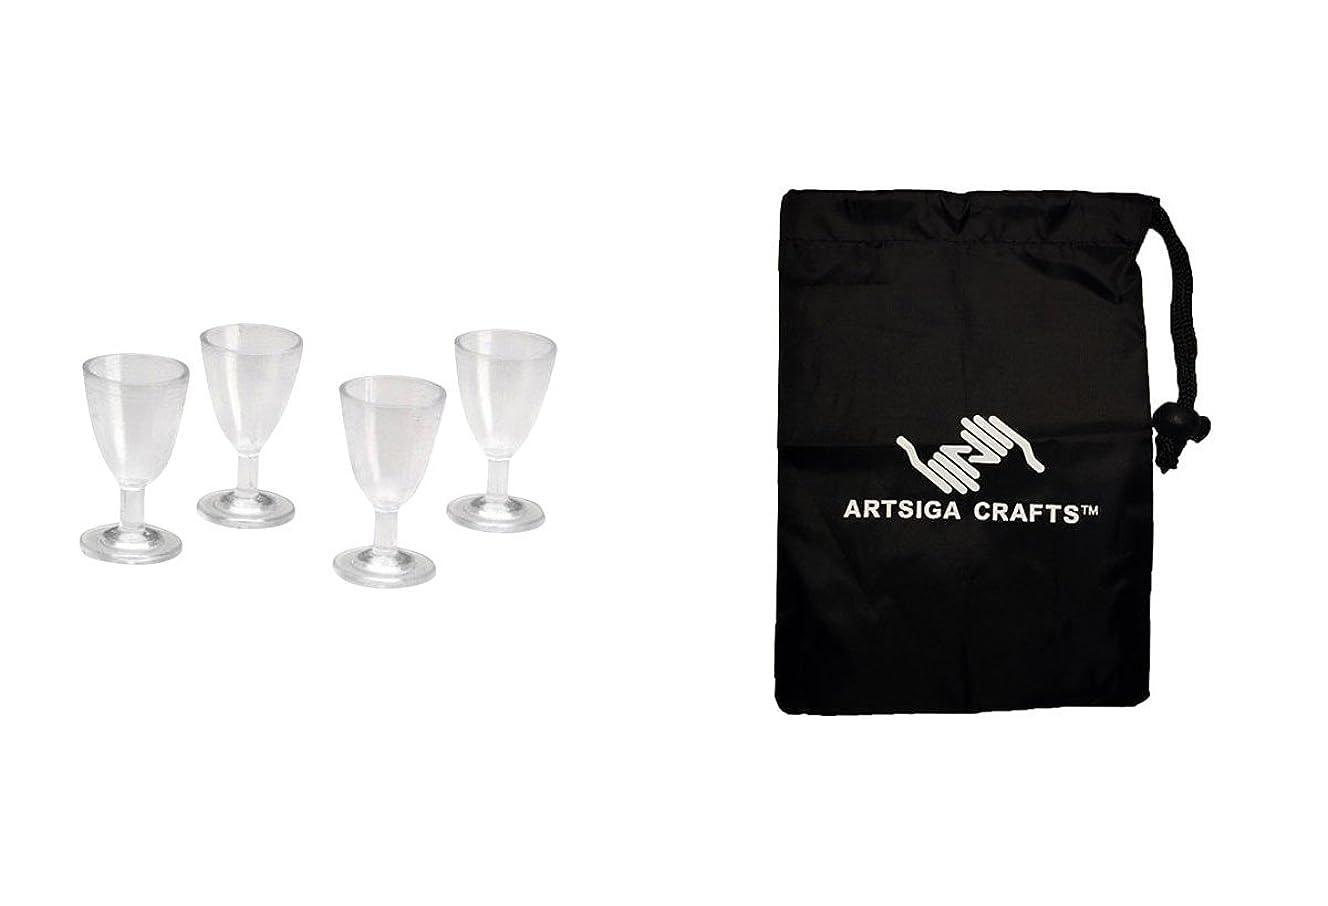 唇証明メーカーDariceドールハウスTimelessミニチュアワイングラス4枚( 3パック) 2314?48?1バンドルartsiga Crafts Smallバッグ